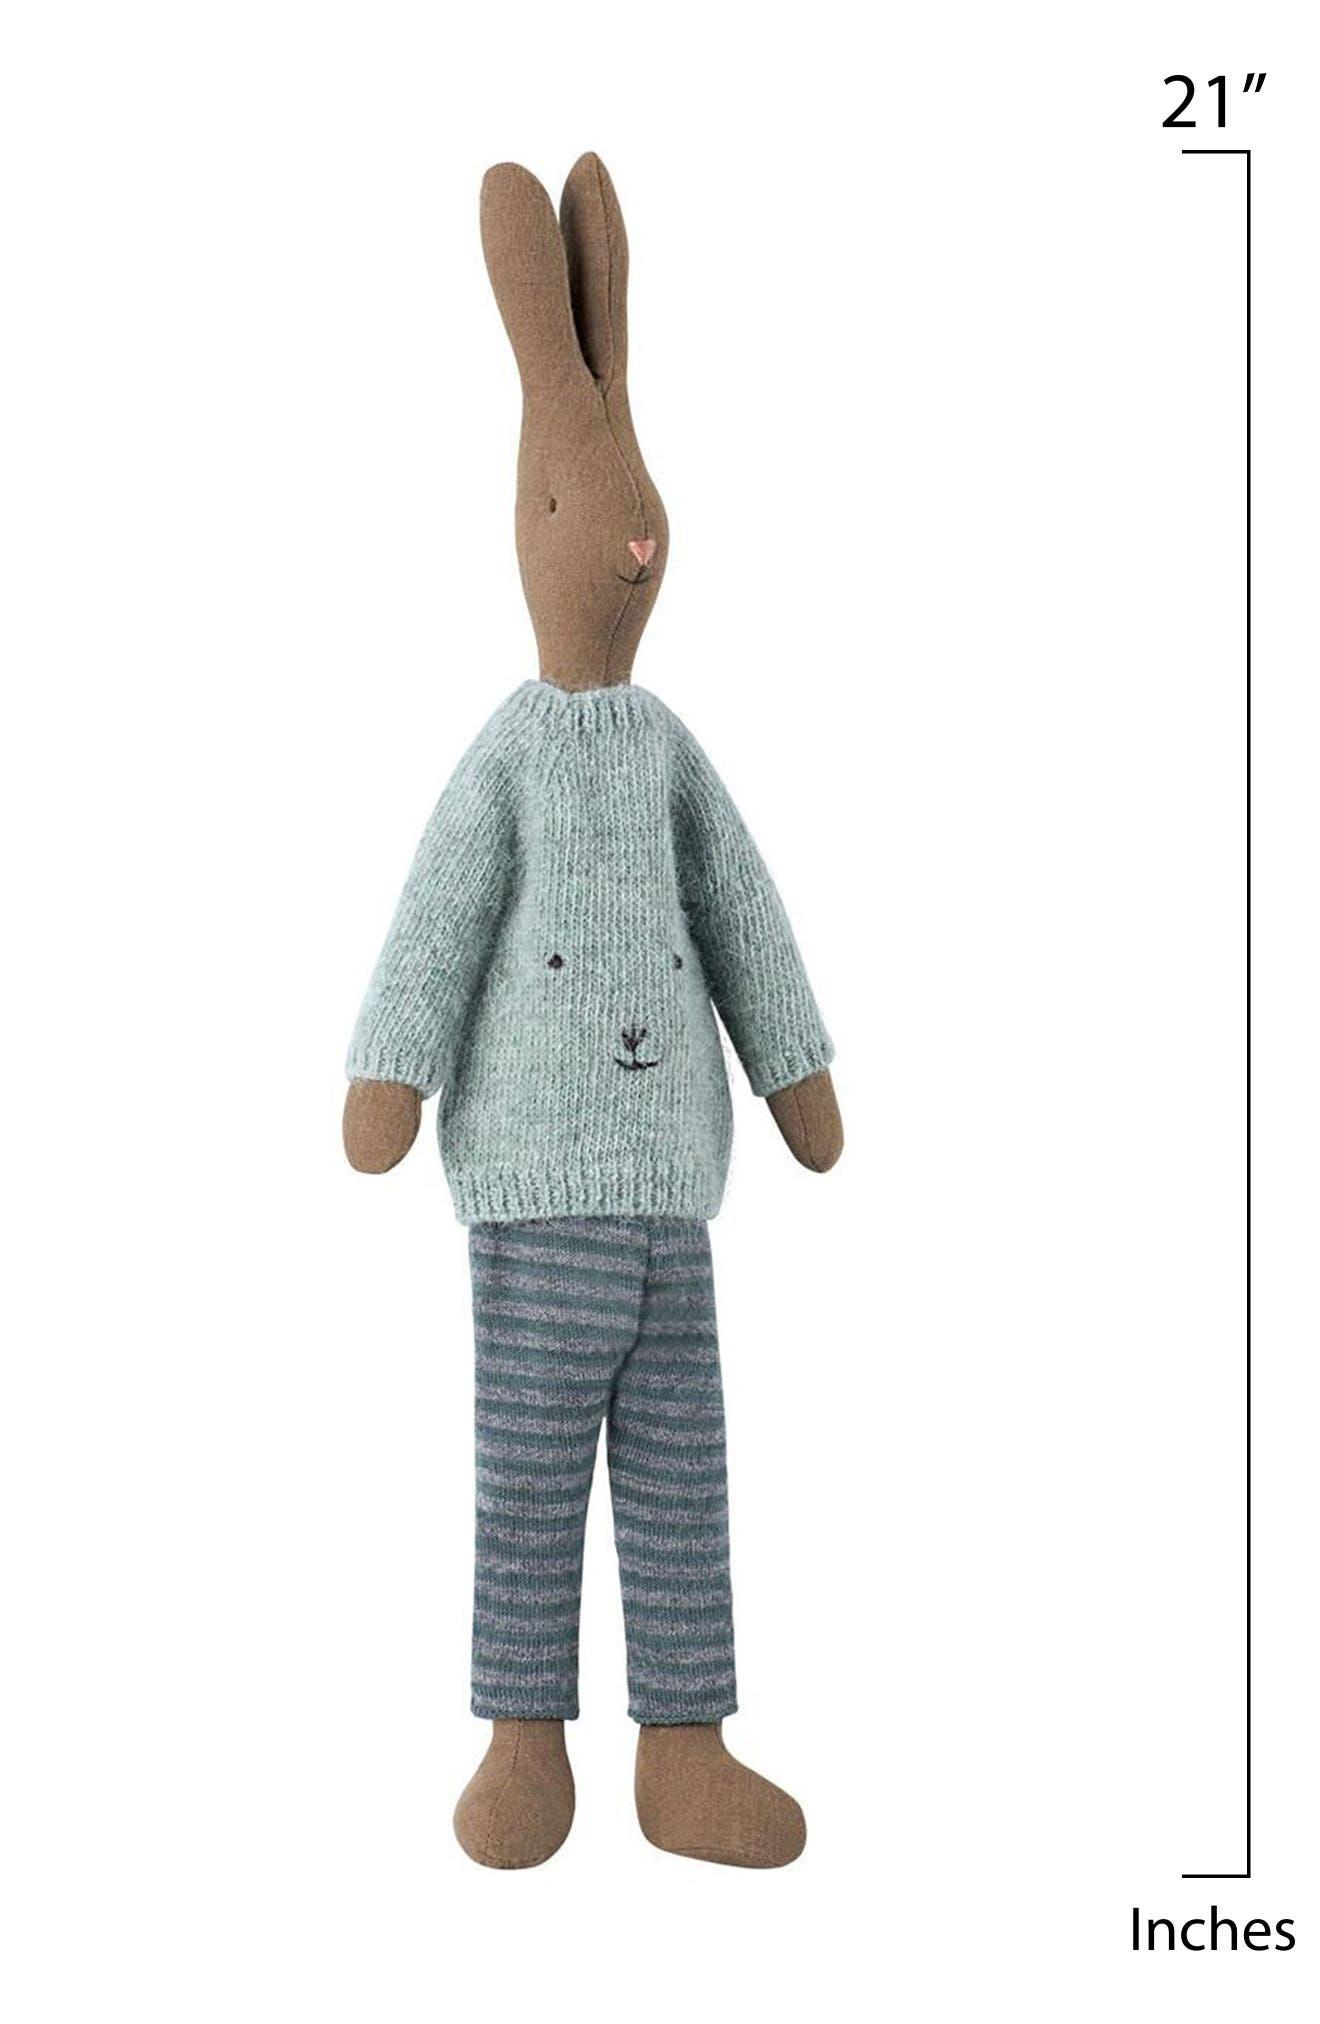 Linus Rabbit Stuffed Animal,                             Alternate thumbnail 2, color,                             MULTI